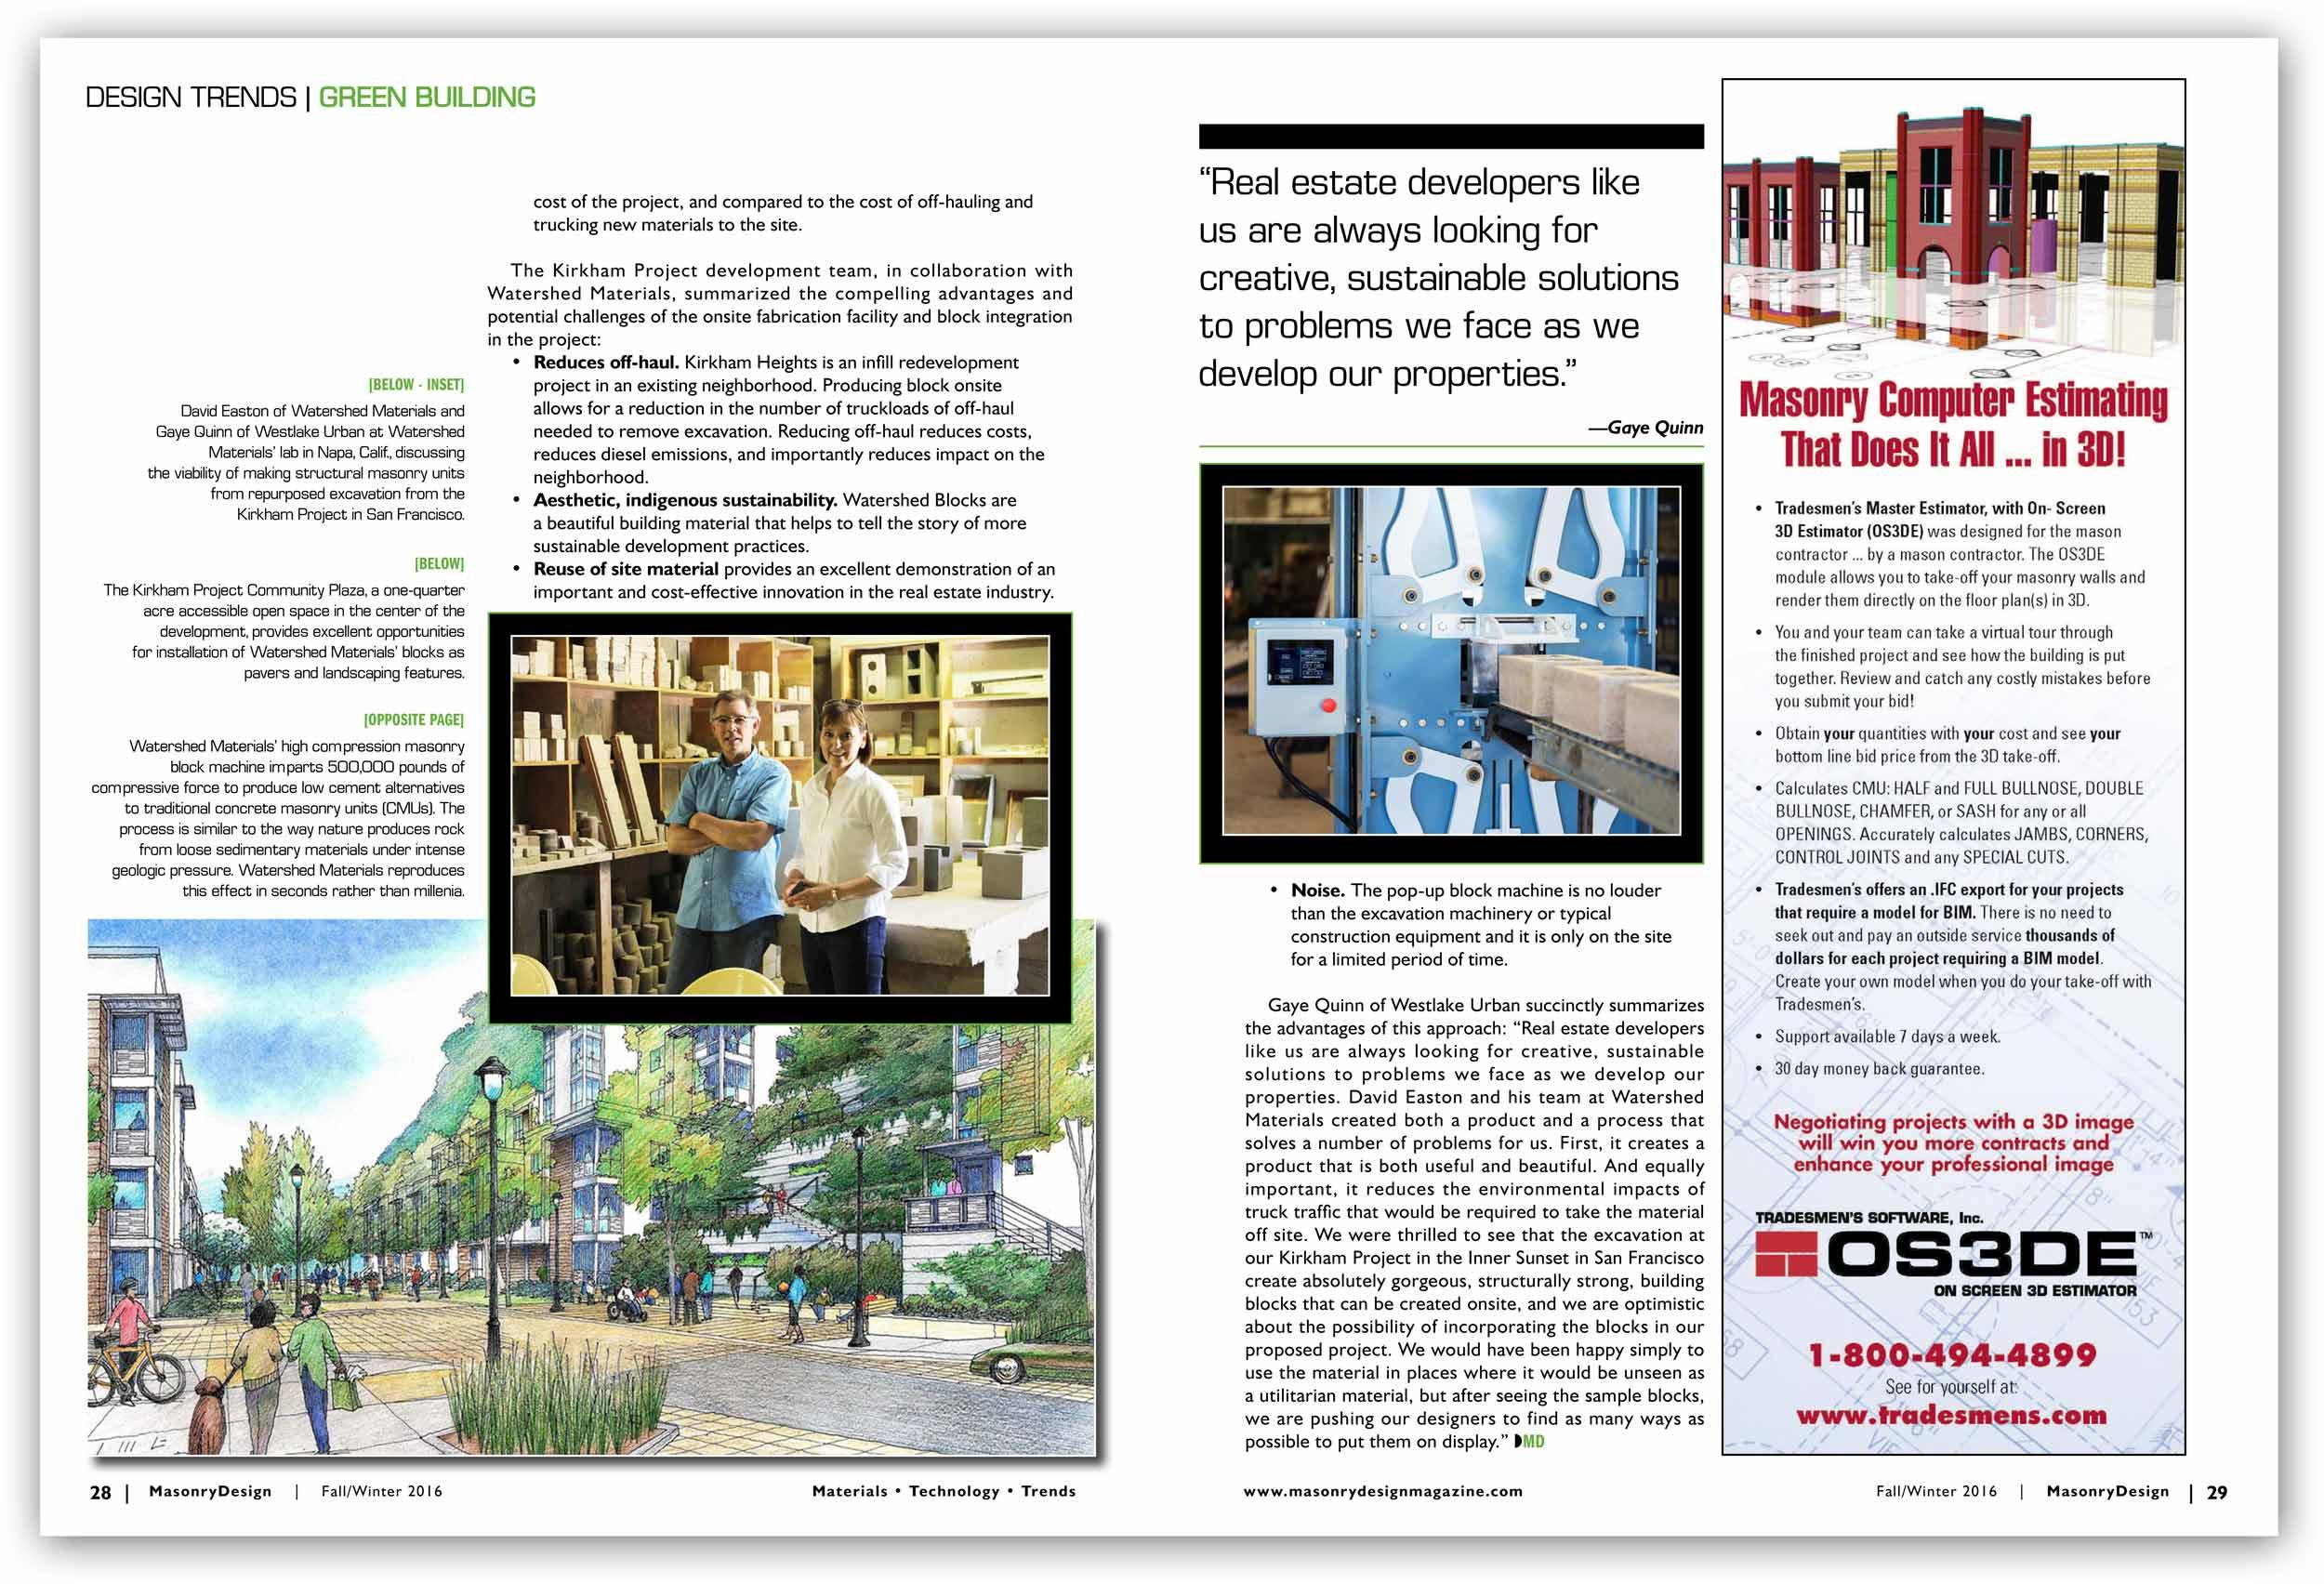 2016-12-Watershed-Materials-Masonry-Design-Magazine-28-29-2500.jpg